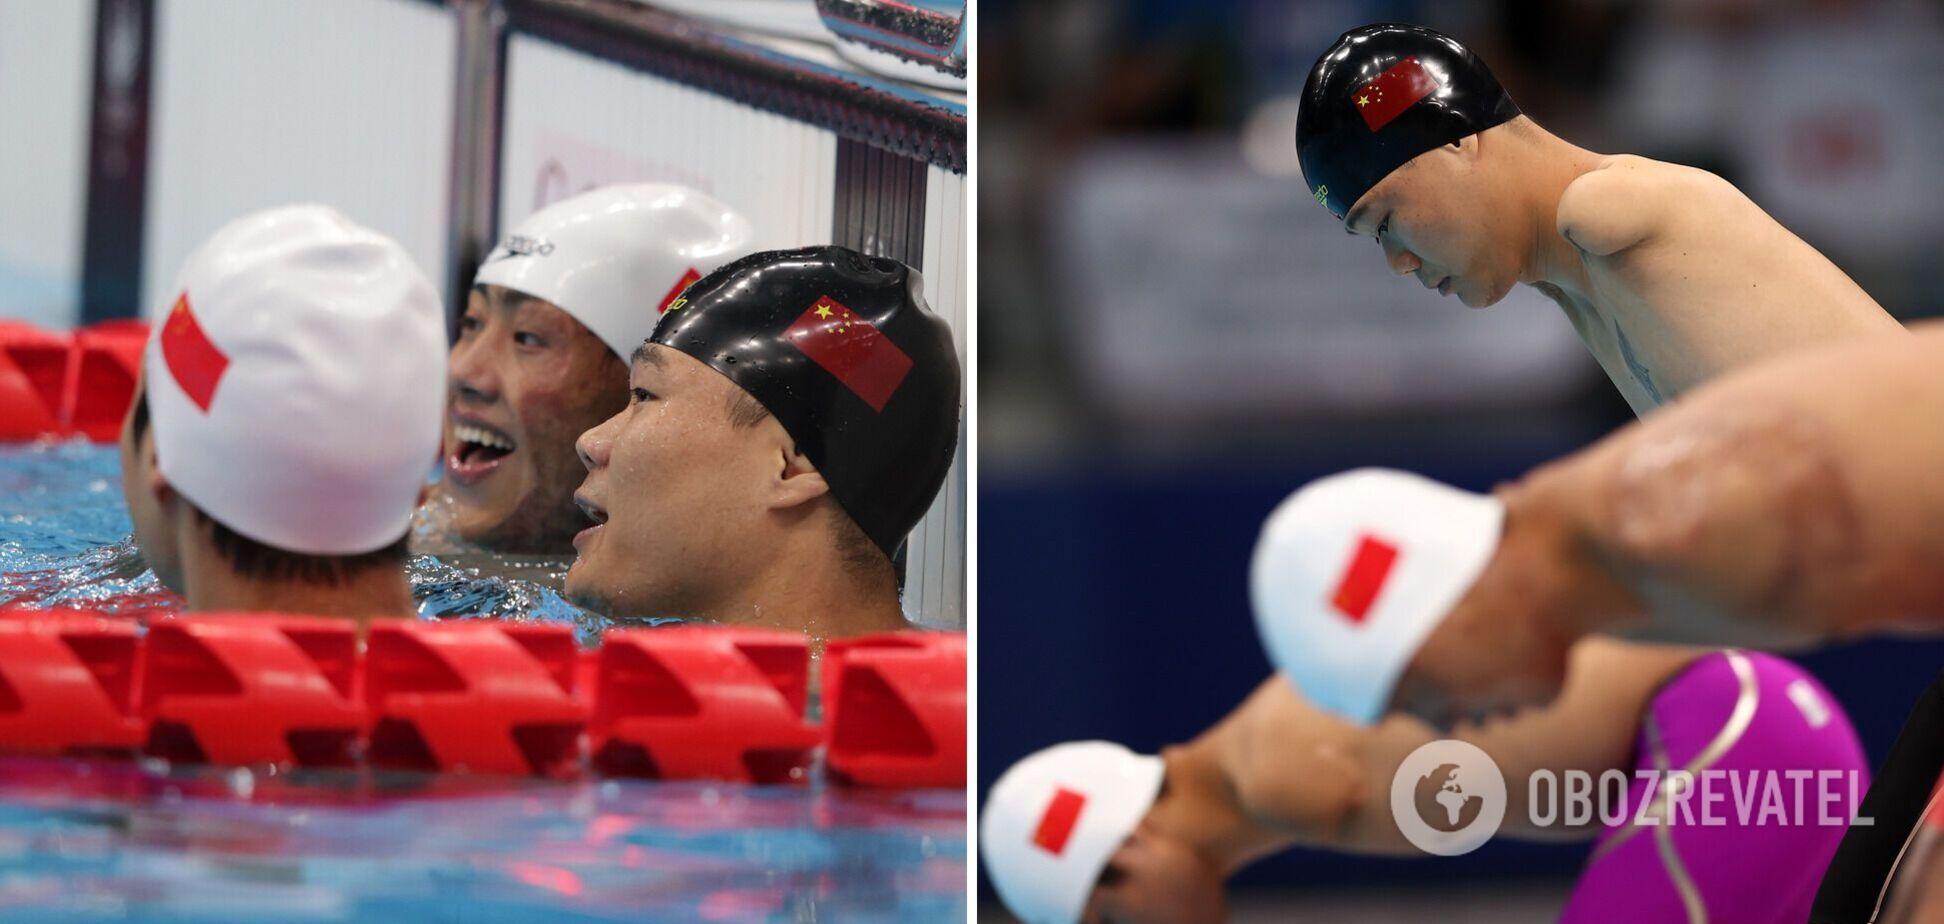 'Безрукий плавець' із Китаю став світовою зіркою після перемог на Паралімпіаді-2020. Відео